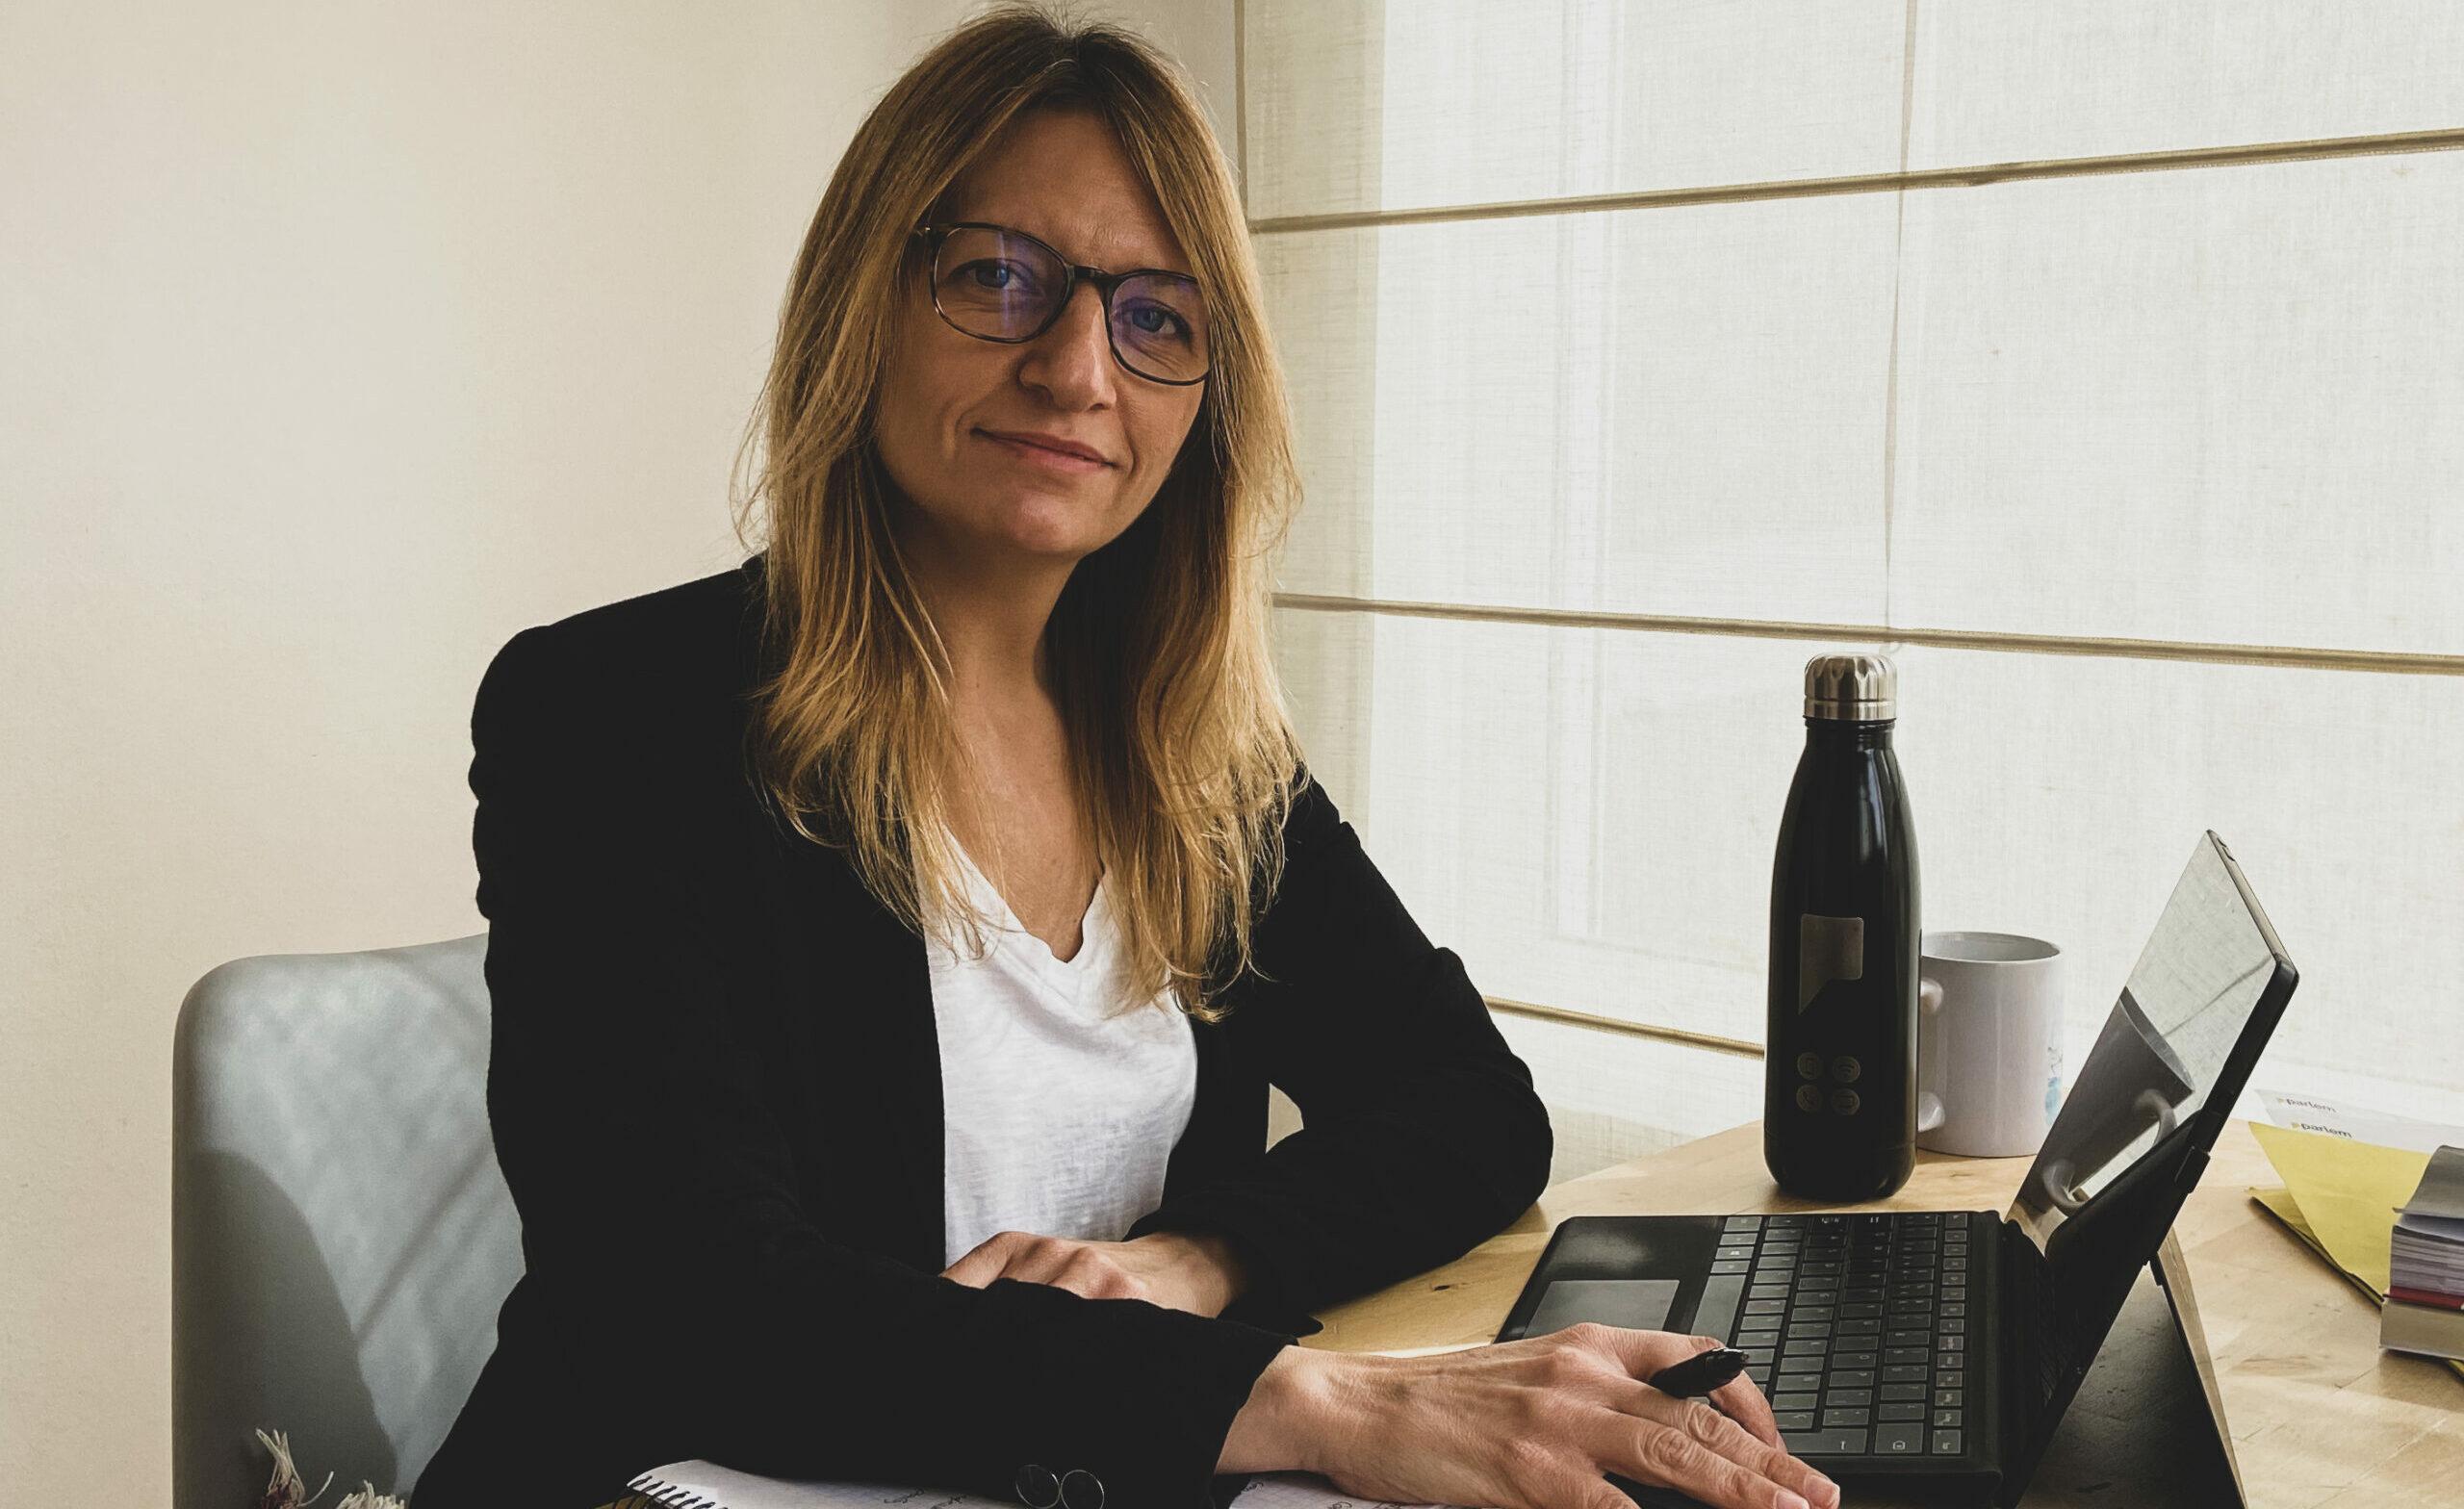 Alícia Ollé, enginyera de telecomunicacions i directora d'operacions de Parlem Telecom /Parlem